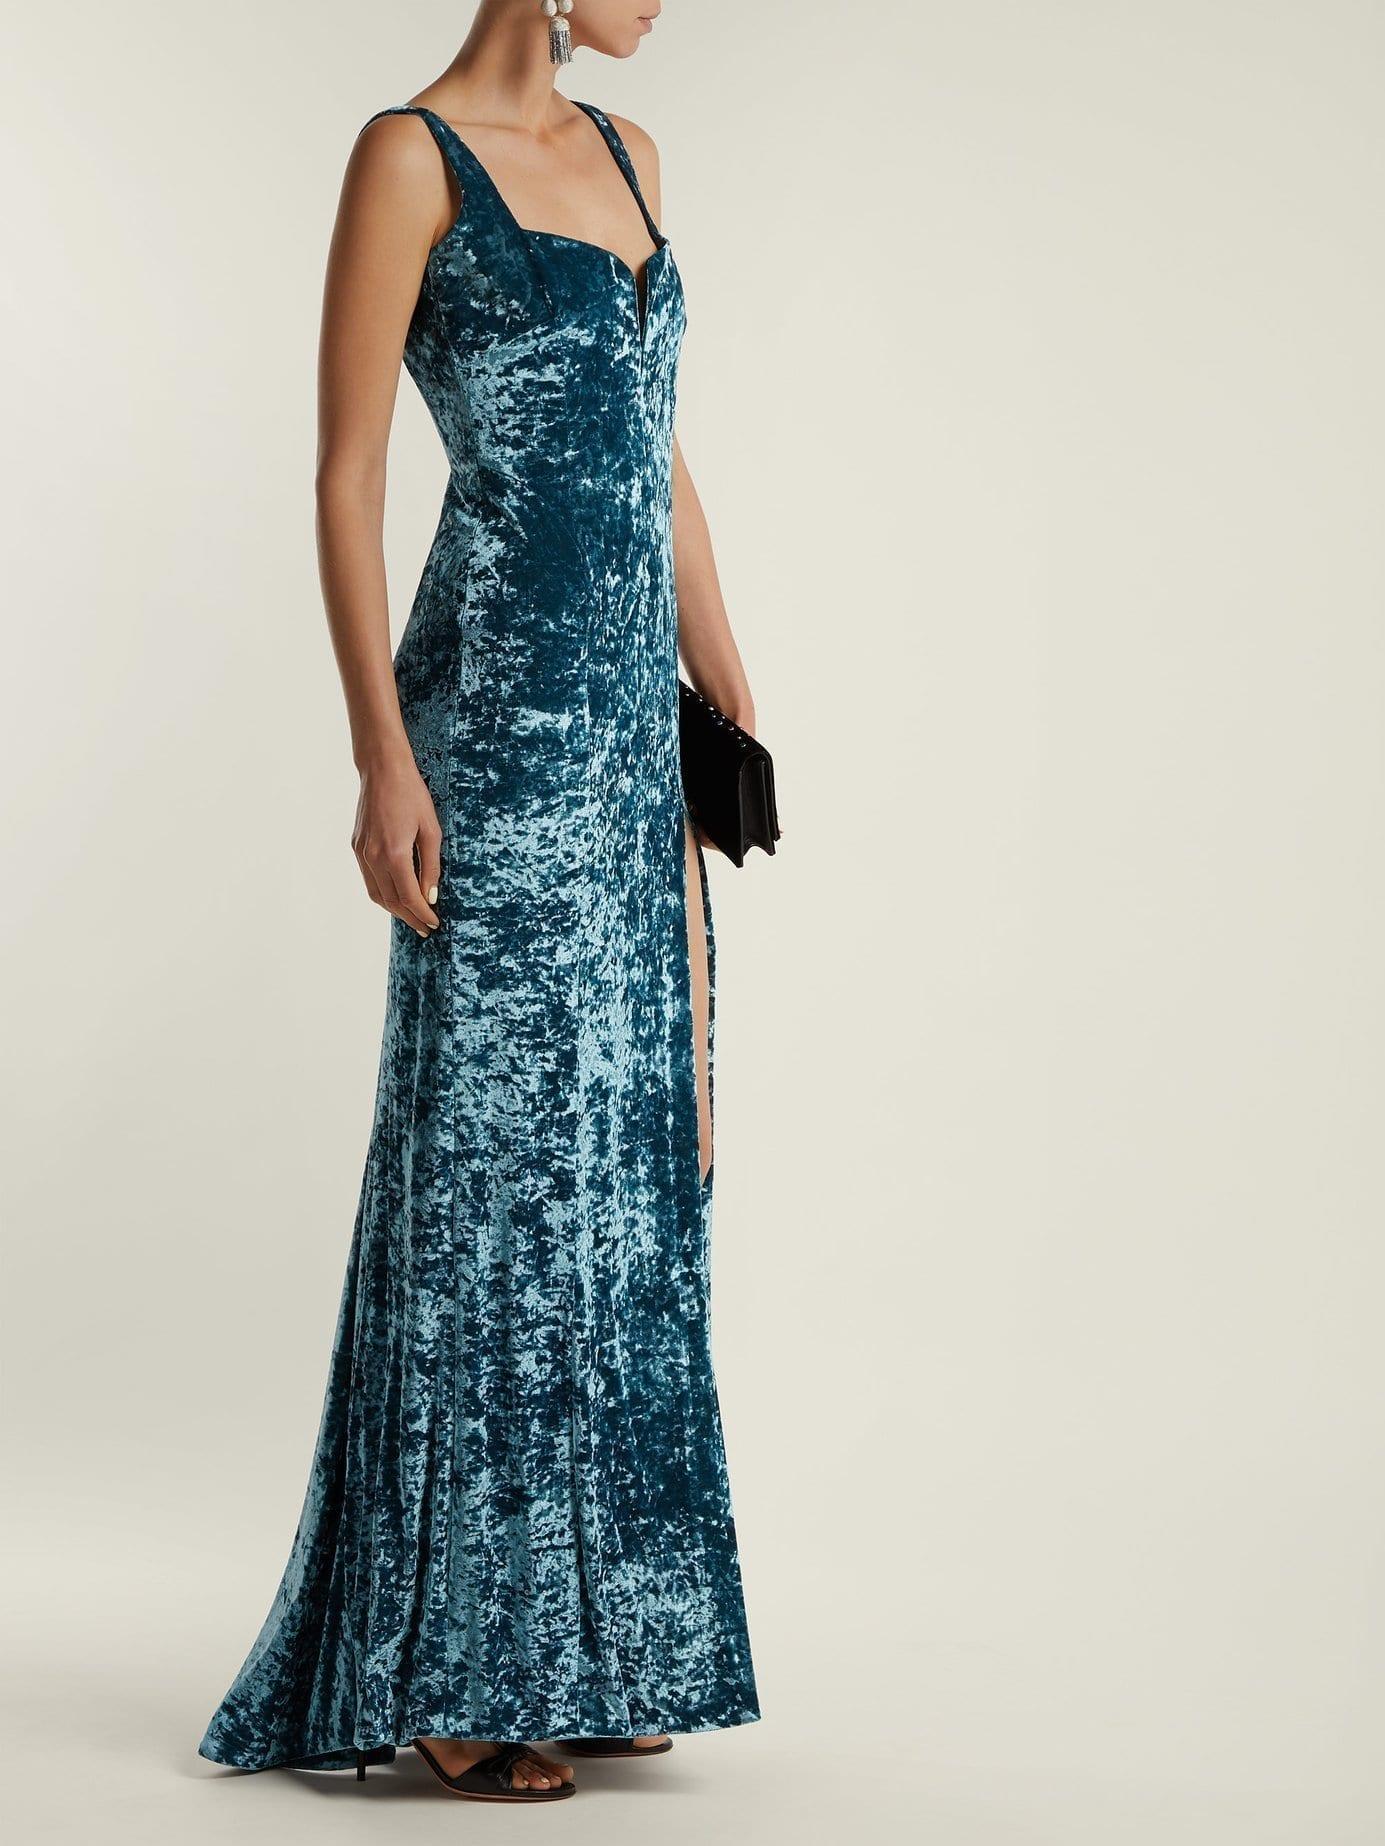 GALVAN Solstice Hammered Velvet Corset Blue Gown